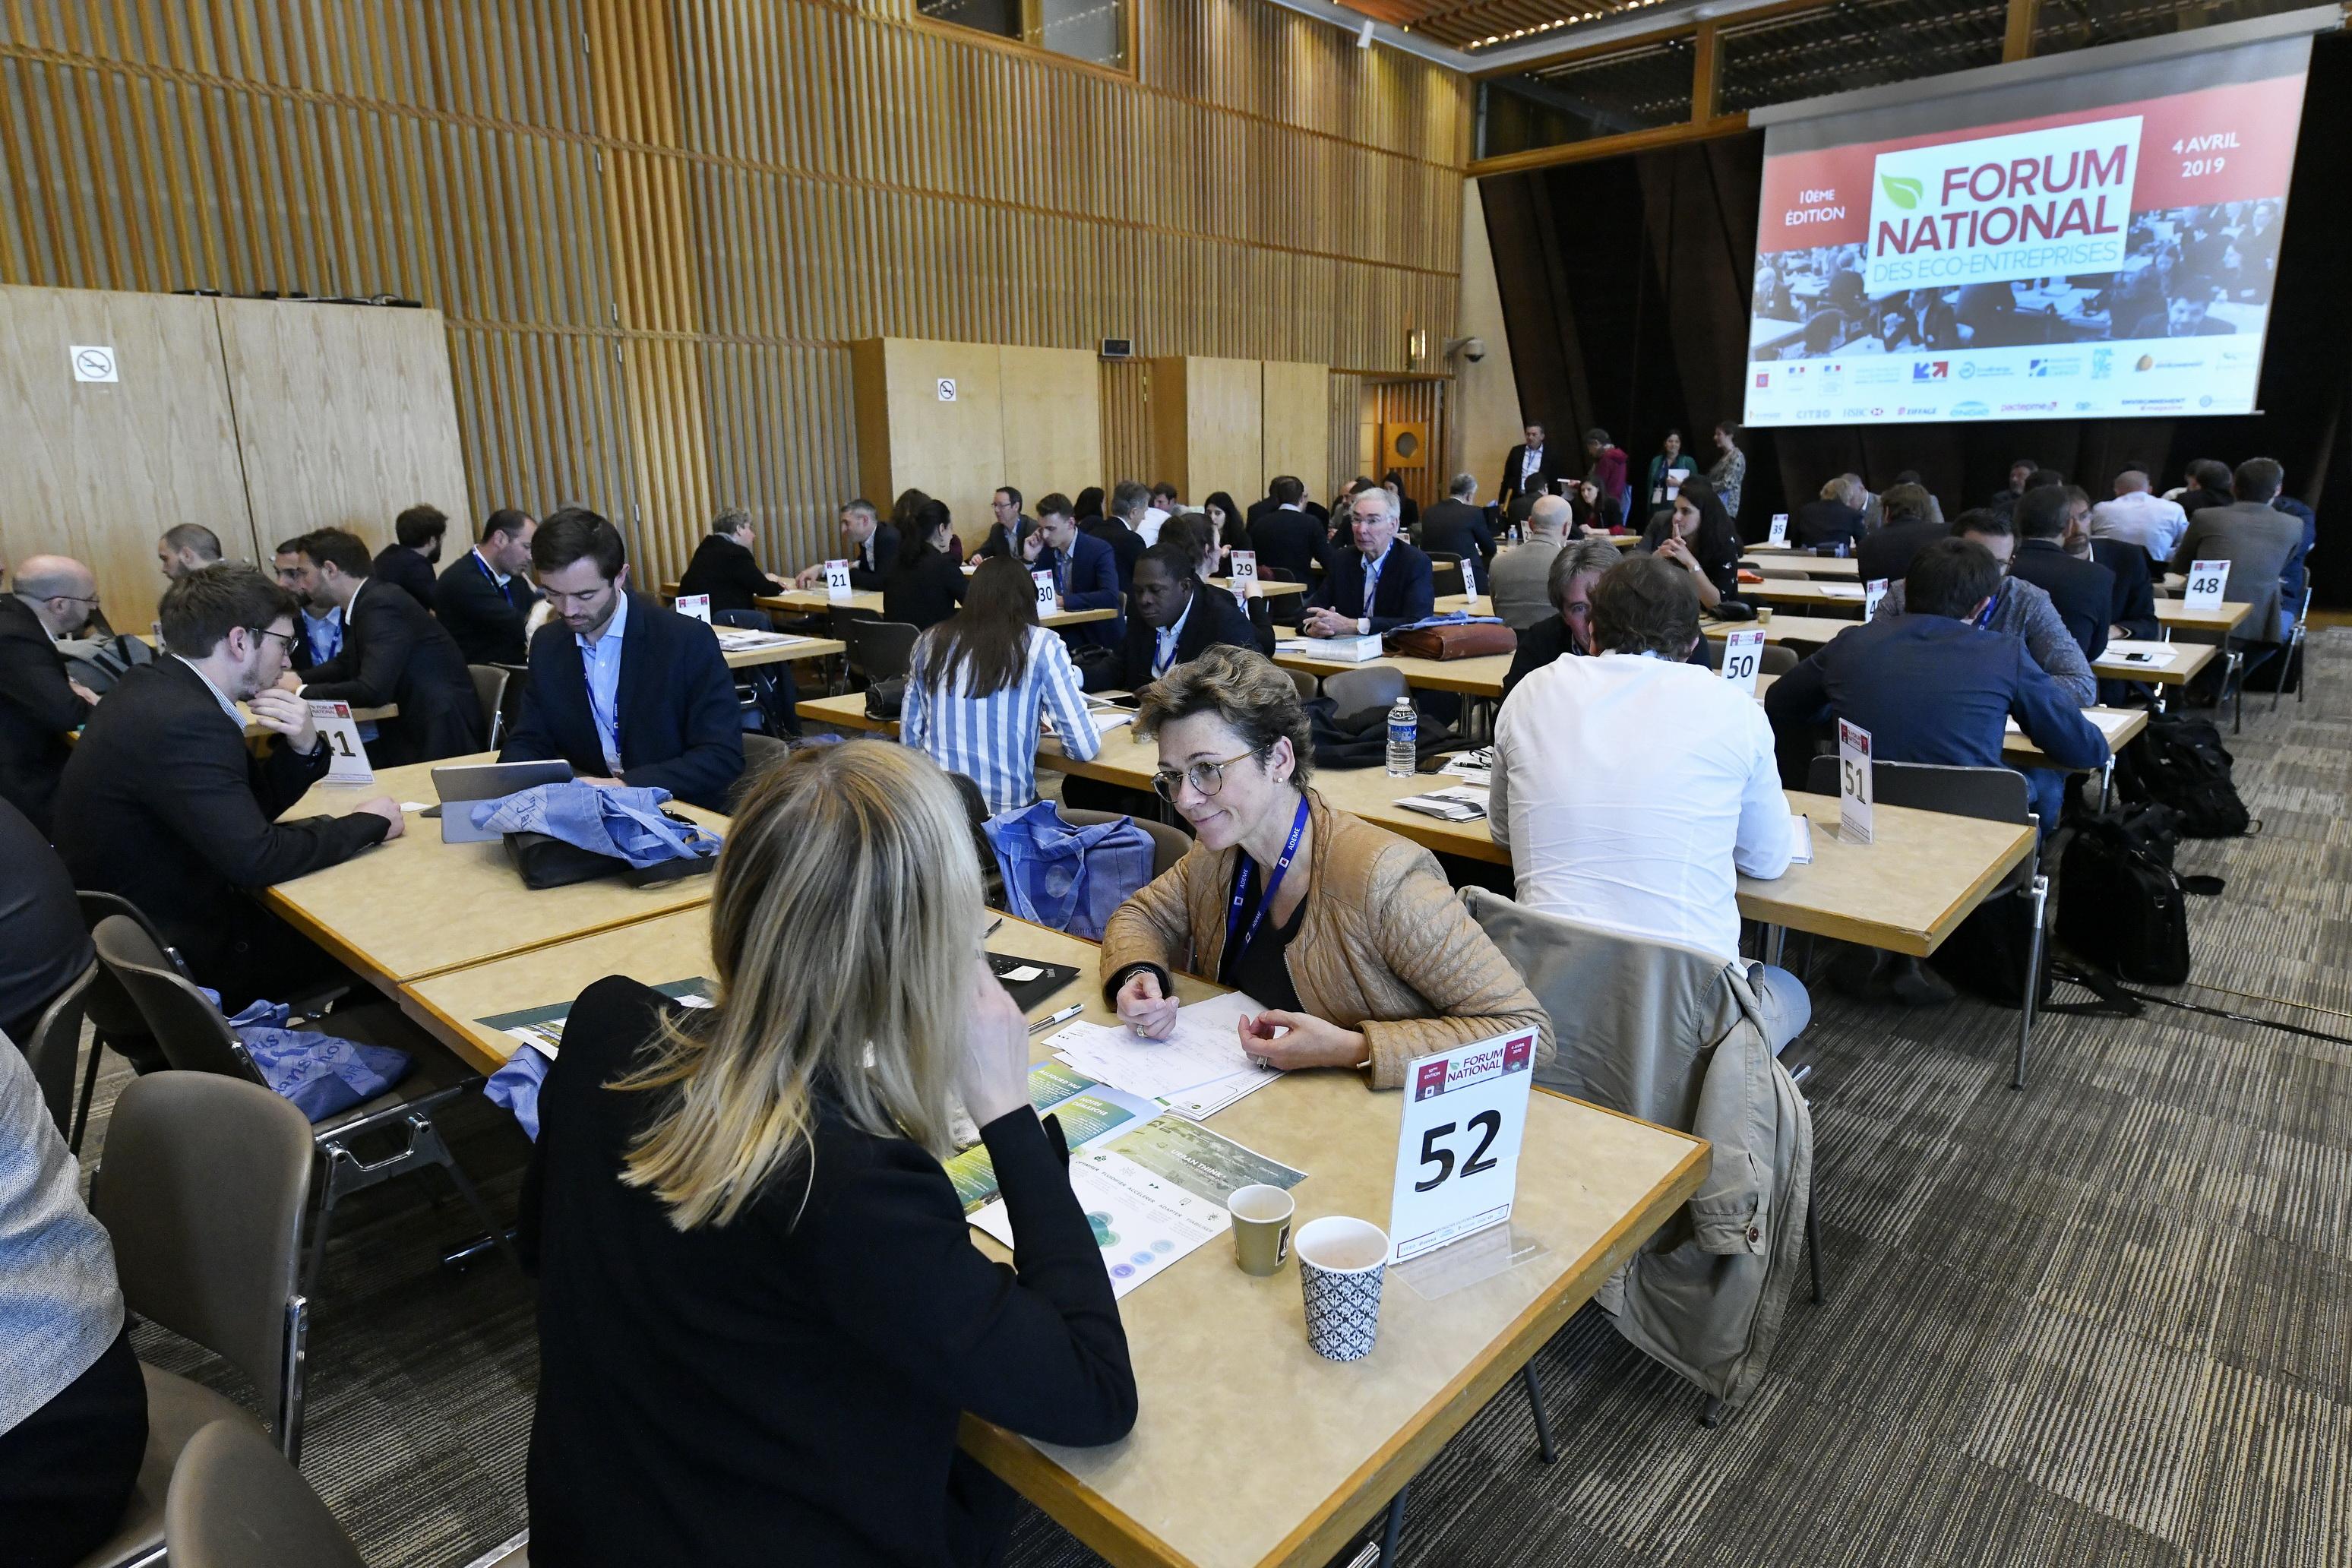 Le 2 avril prochain : Forum national des éco-entreprises